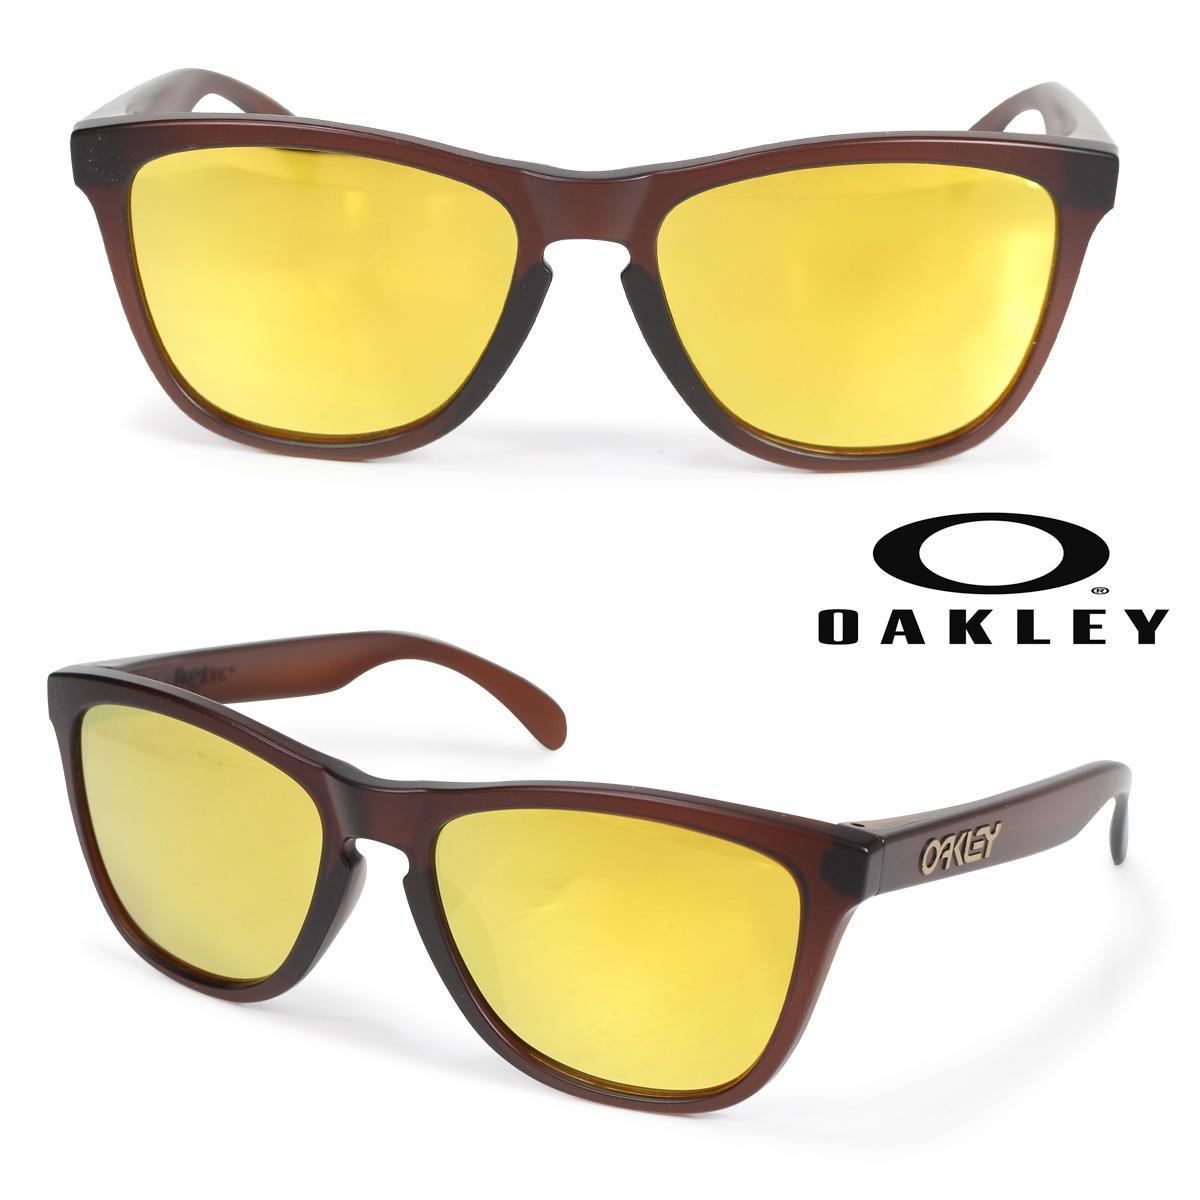 Oakley Frogskins オークリー サングラス アジアンフィット フロッグスキン ASIA FIT メンズ レディース ブラウン OO9245-04 92450454